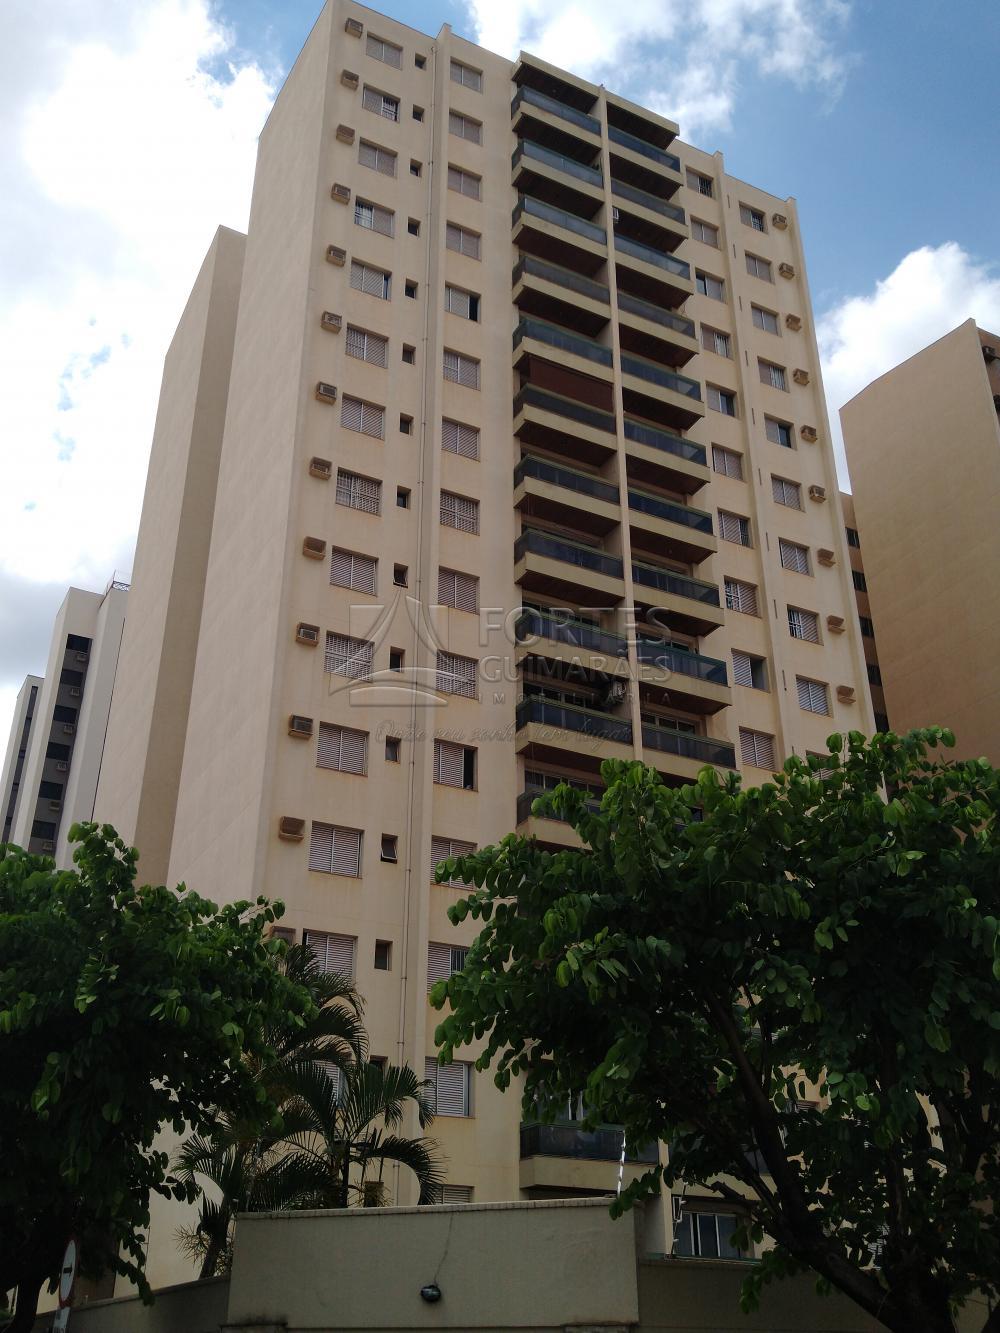 Alugar Apartamentos / Padrão em Ribeirão Preto apenas R$ 1.500,00 - Foto 45